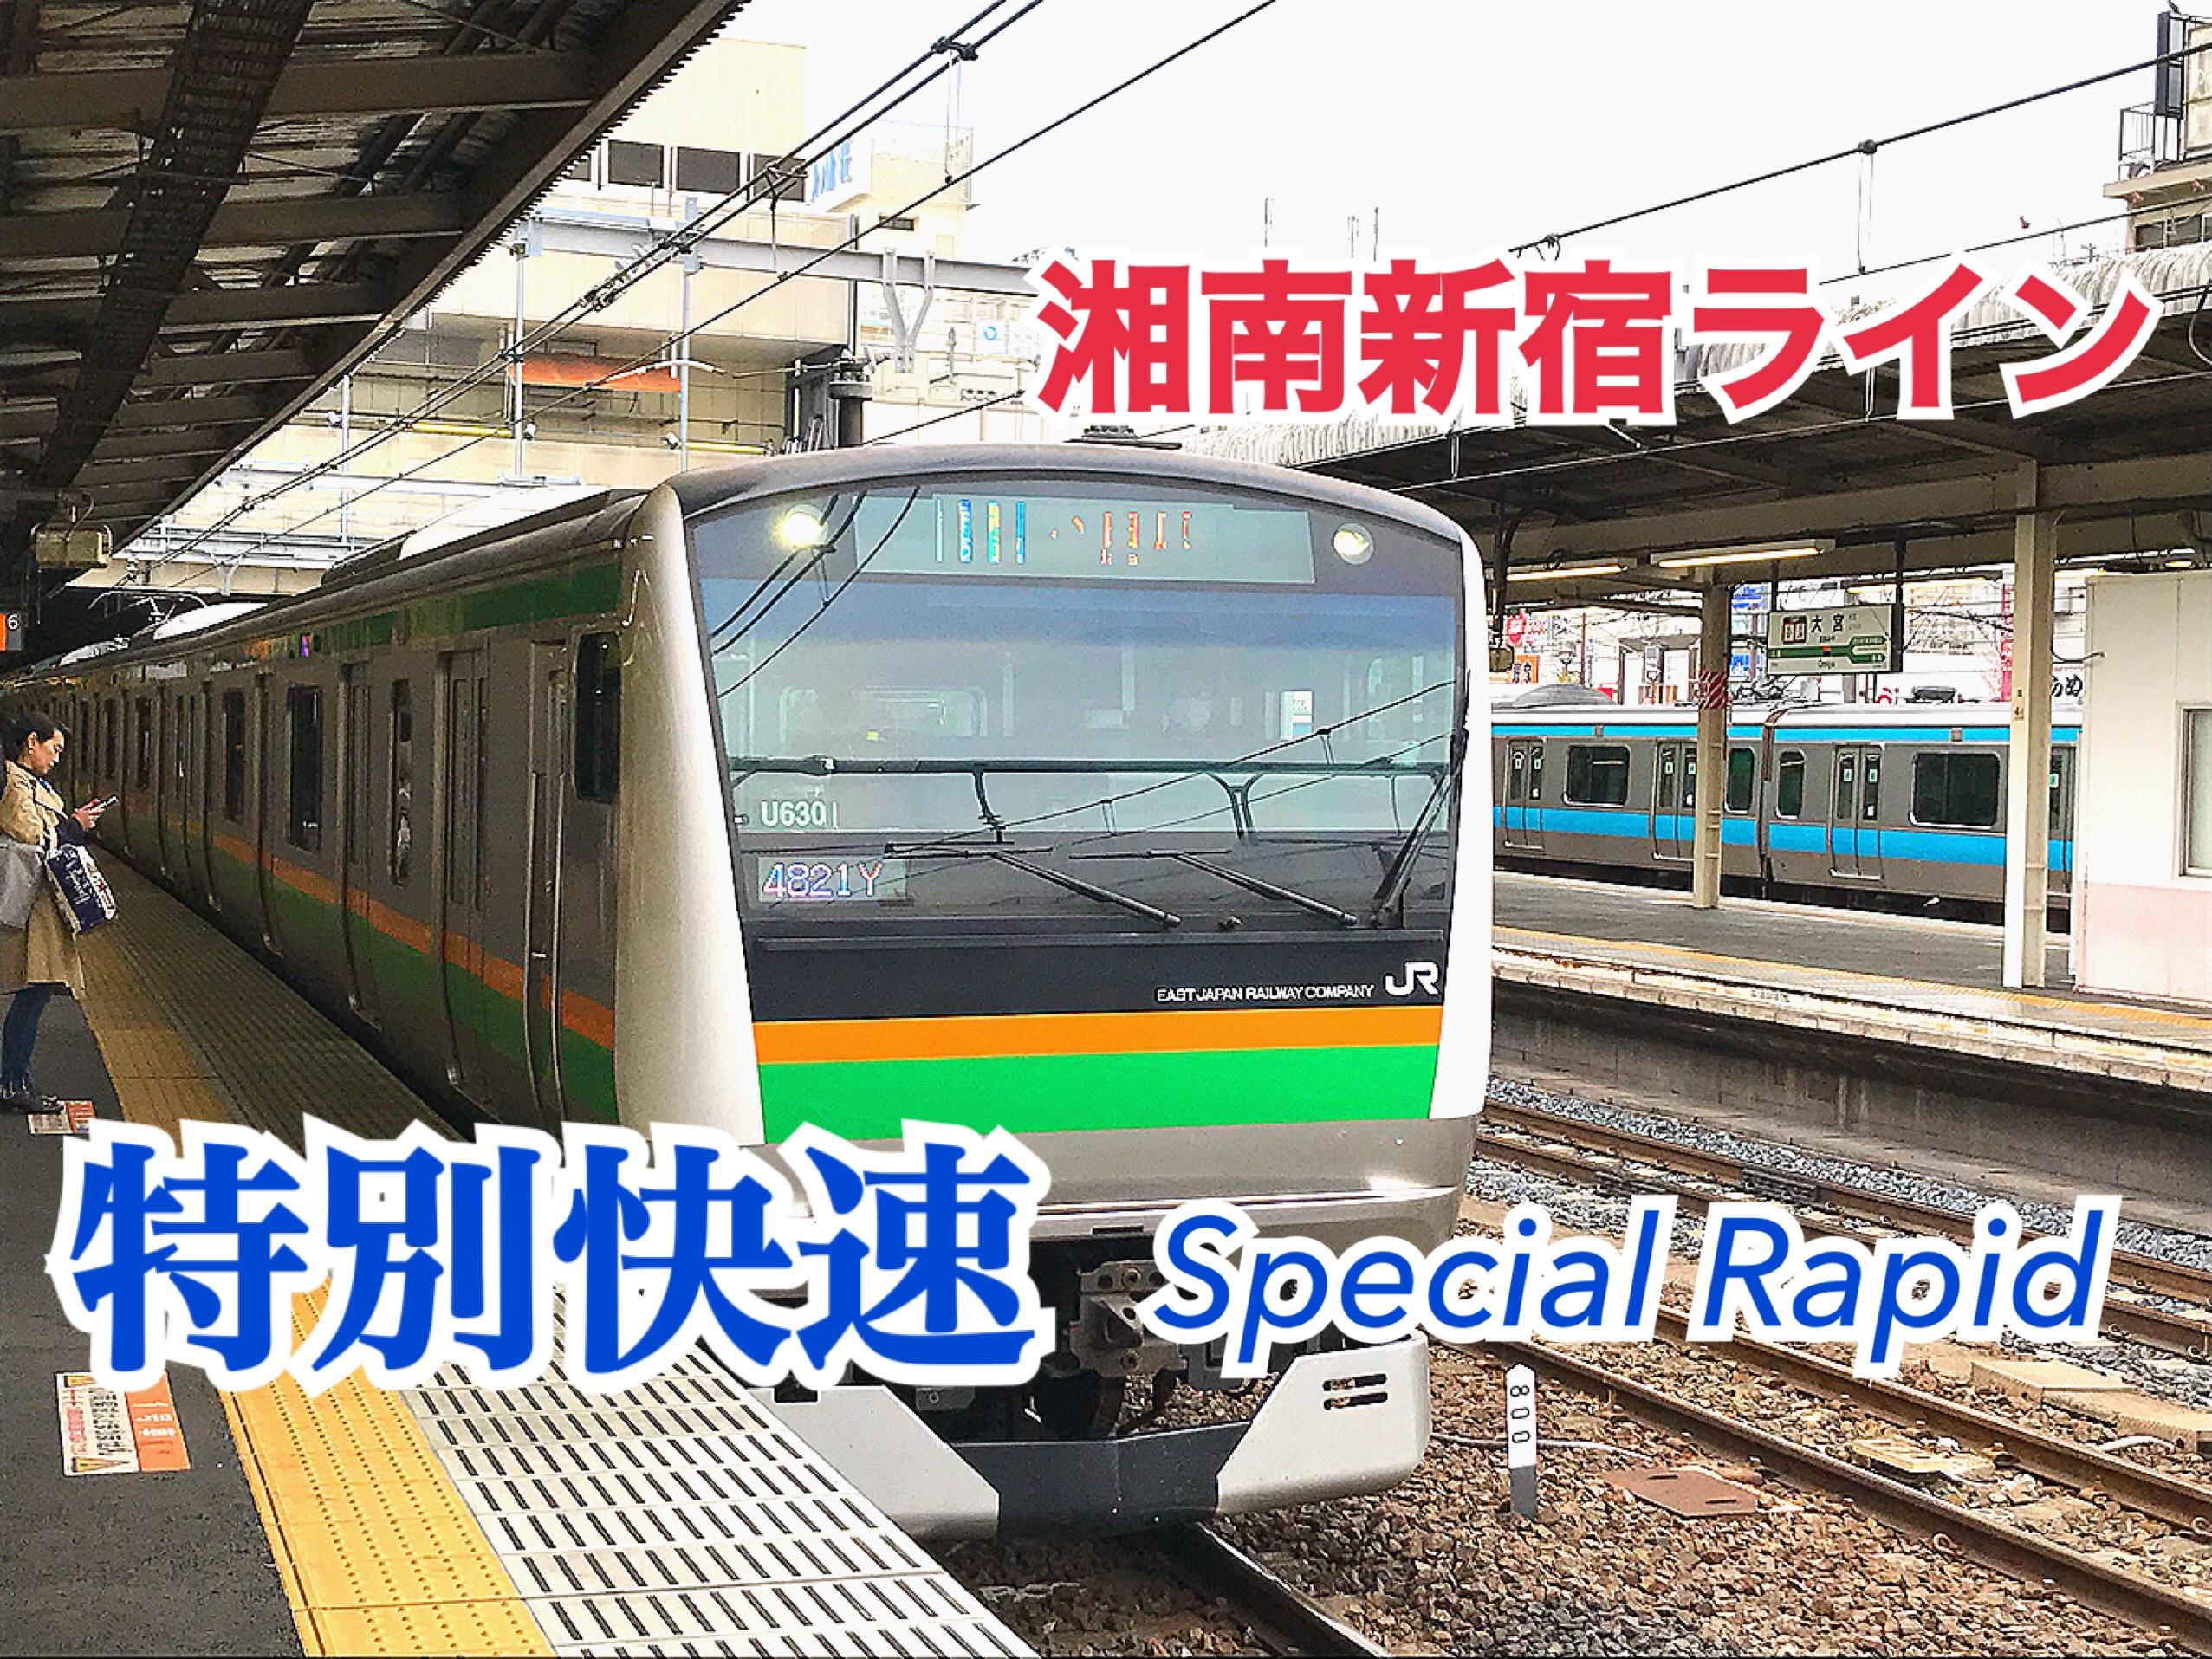 【湘南新宿ライン】湘南新宿ライン特別快速の良さはここだ!!【関東めぐり東京編】